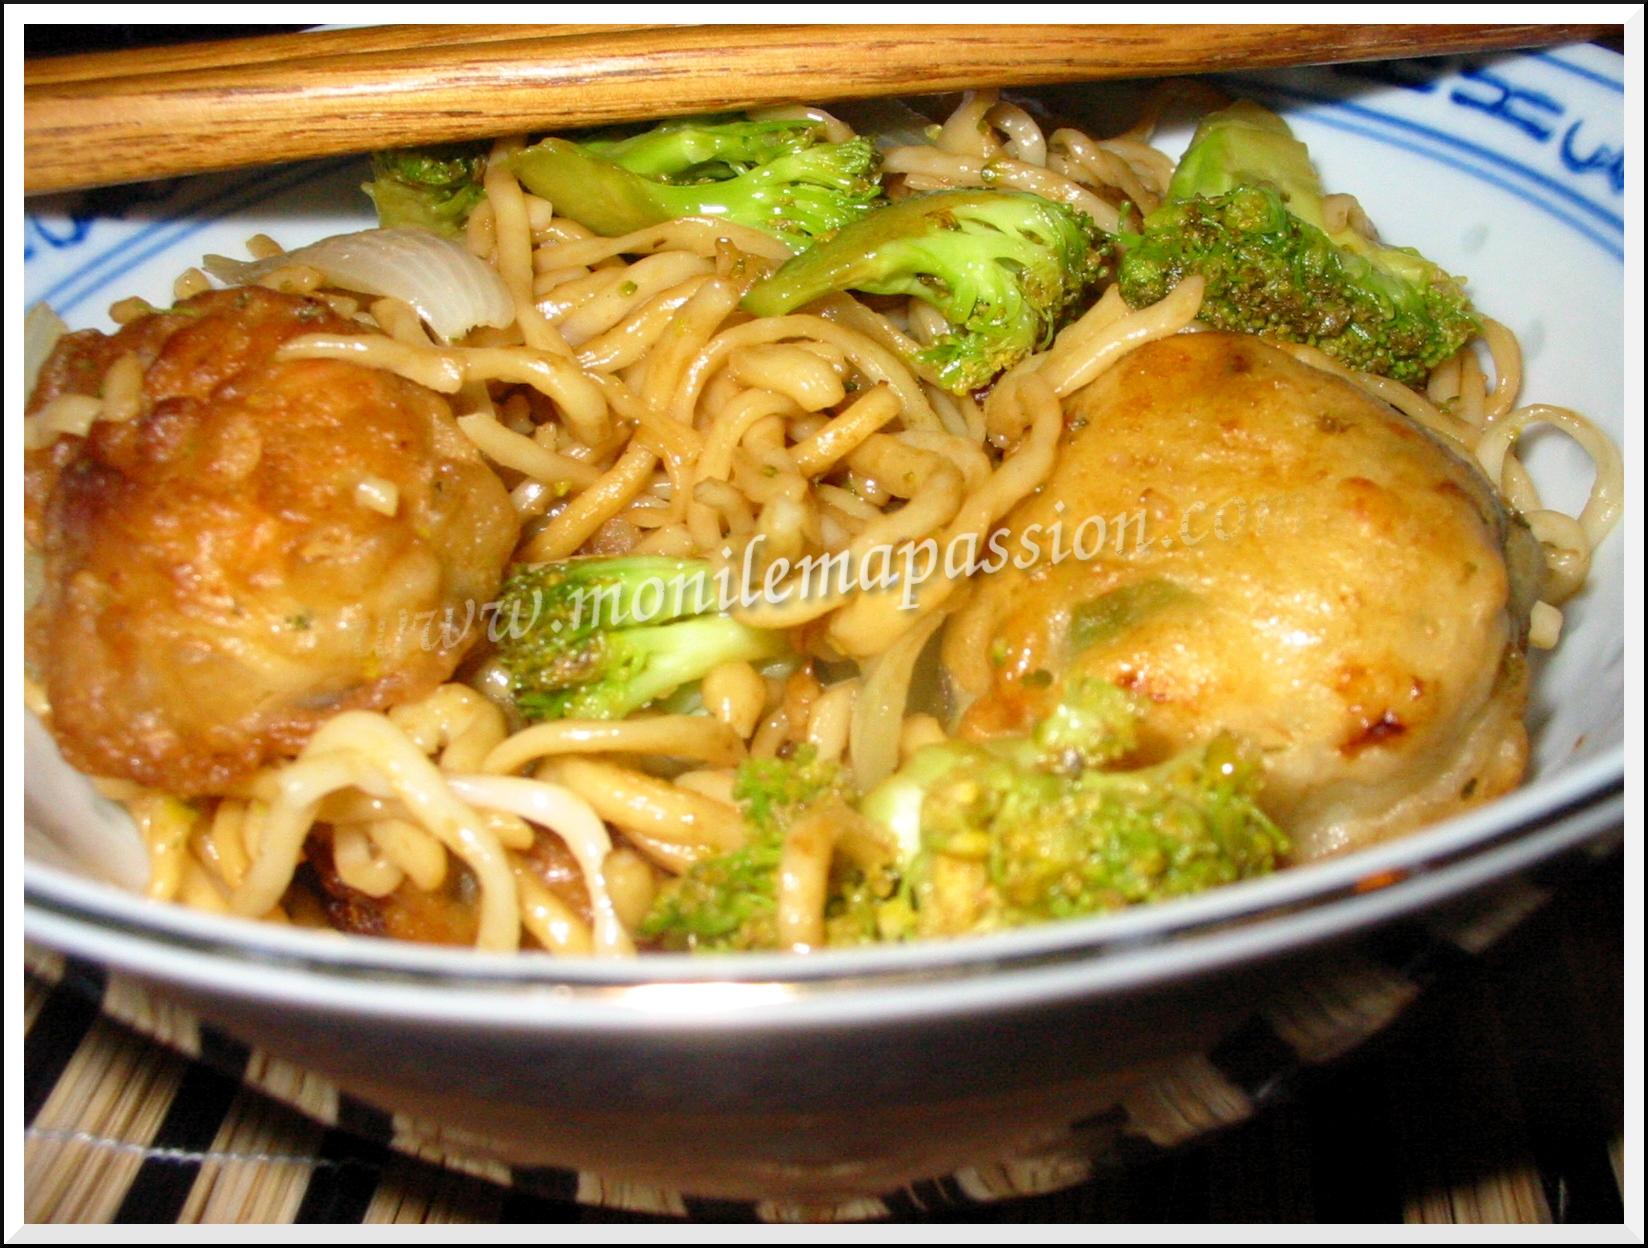 Nouilles sautées au brocoli & tempura de poulet